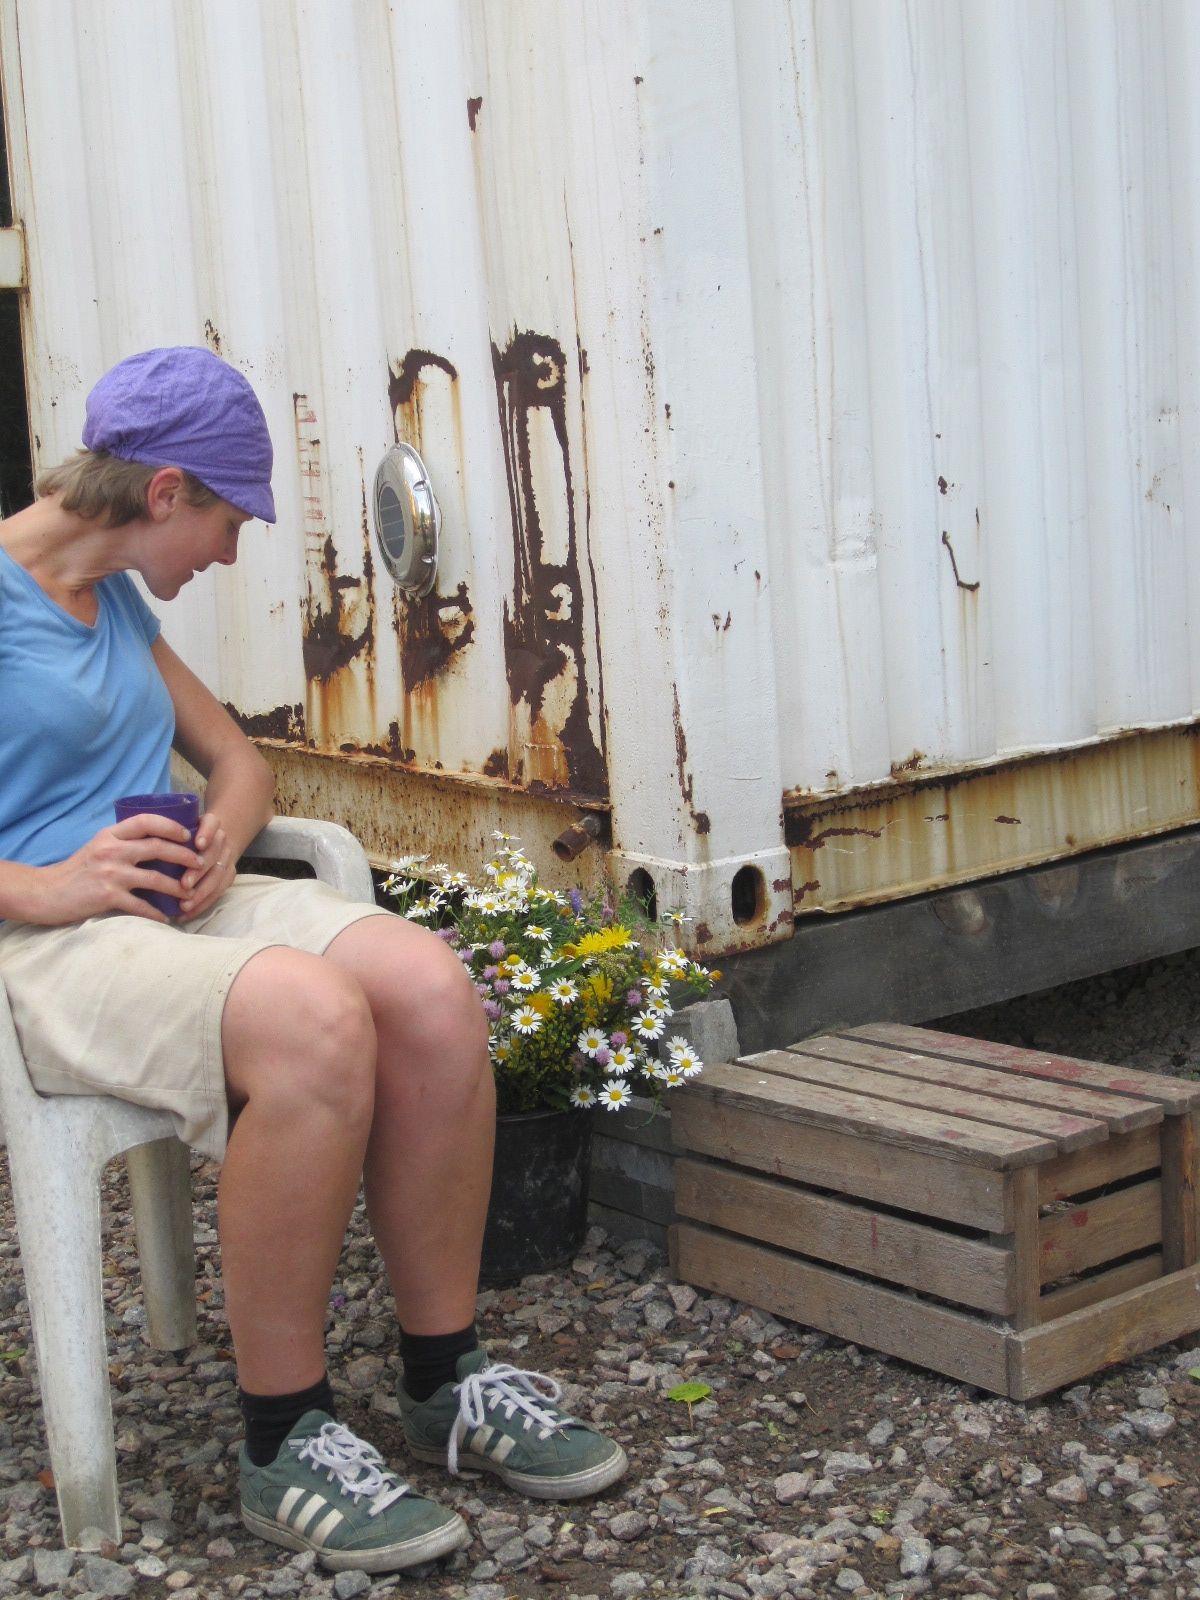 Harjoittelijamme Kaisa huomasi kitkiessään rikkojen kauneuden ja keräsi kimpun kahvitaukoa piristämään